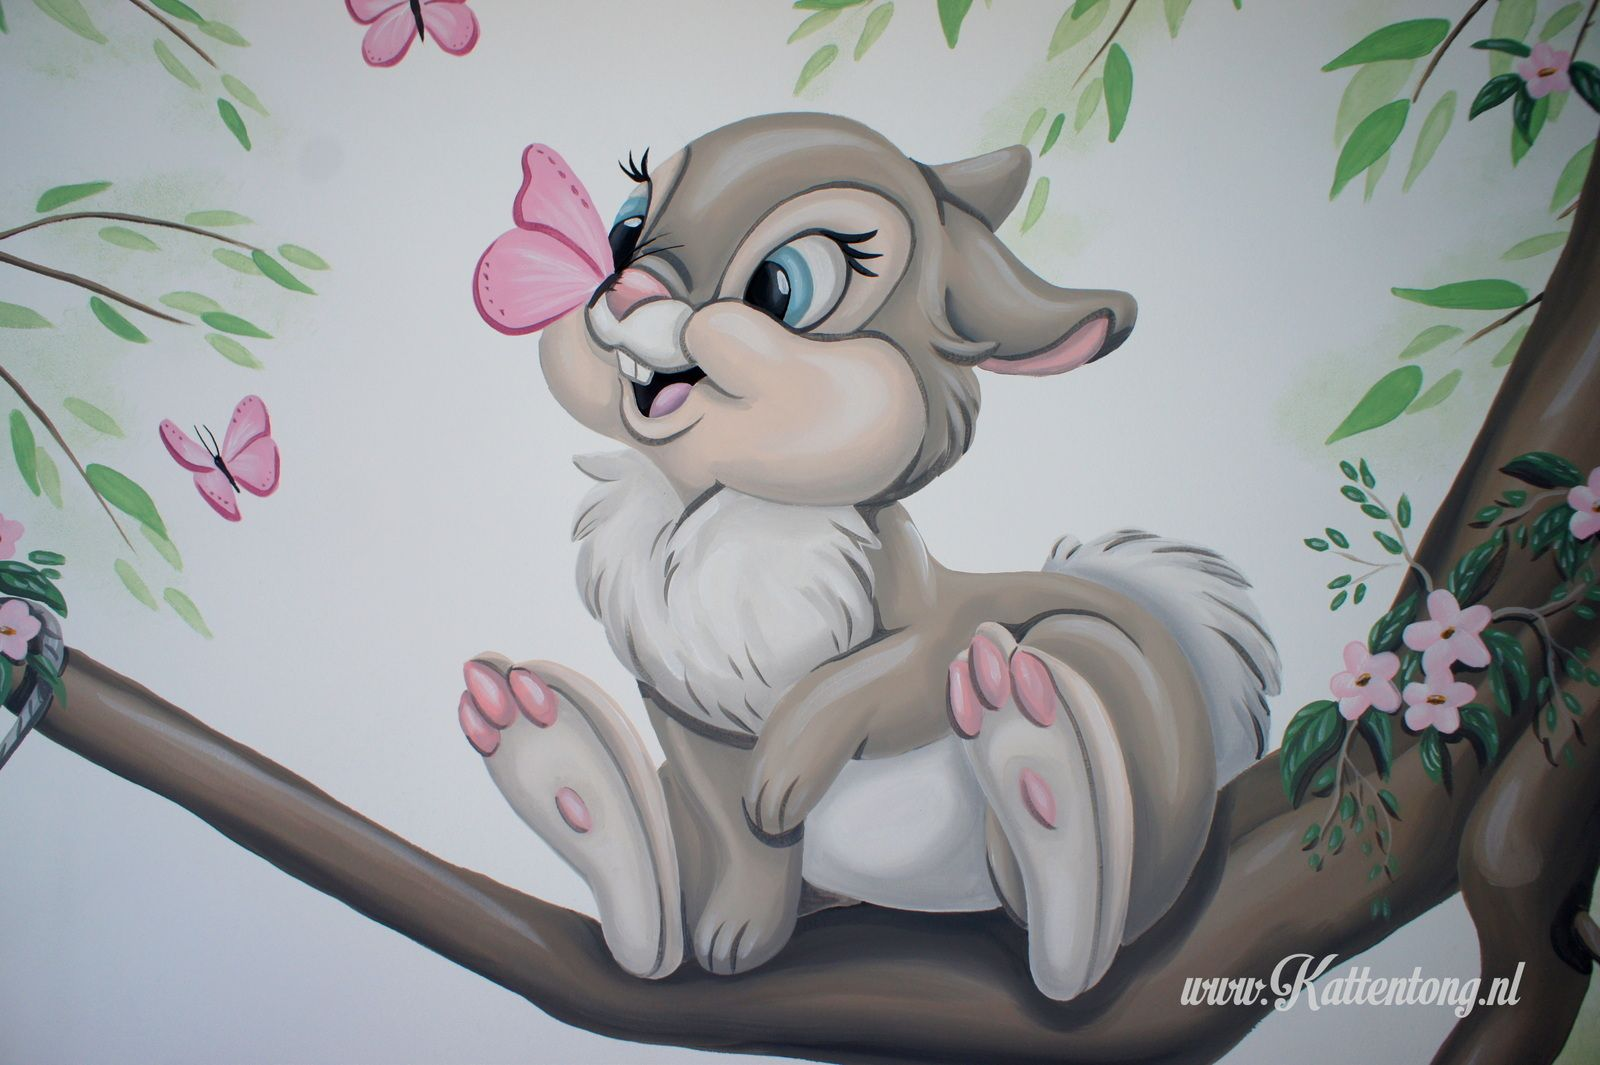 Muurschildering Disney Gemengd Stampertjes Vriendin Gemaakt Door Kattentong Decoratiewerken Disney Art Drawings Baby Animal Drawings Disney Drawings